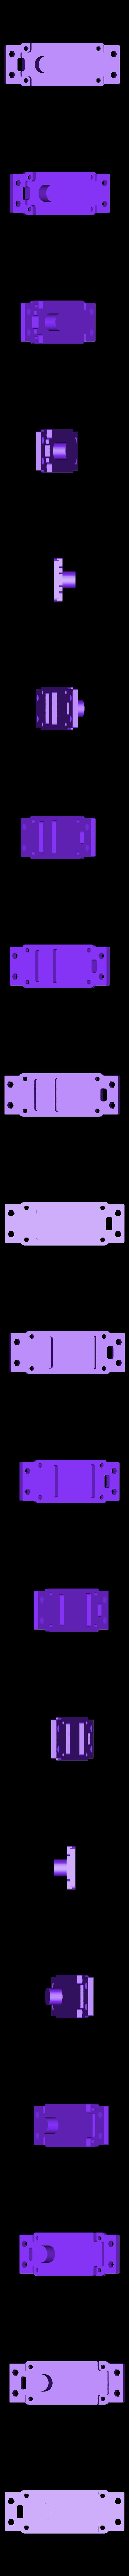 servo_lower_cover_ears_shaft.stl Download free STL file Servo lower cover • 3D printing design, Ogrod3d